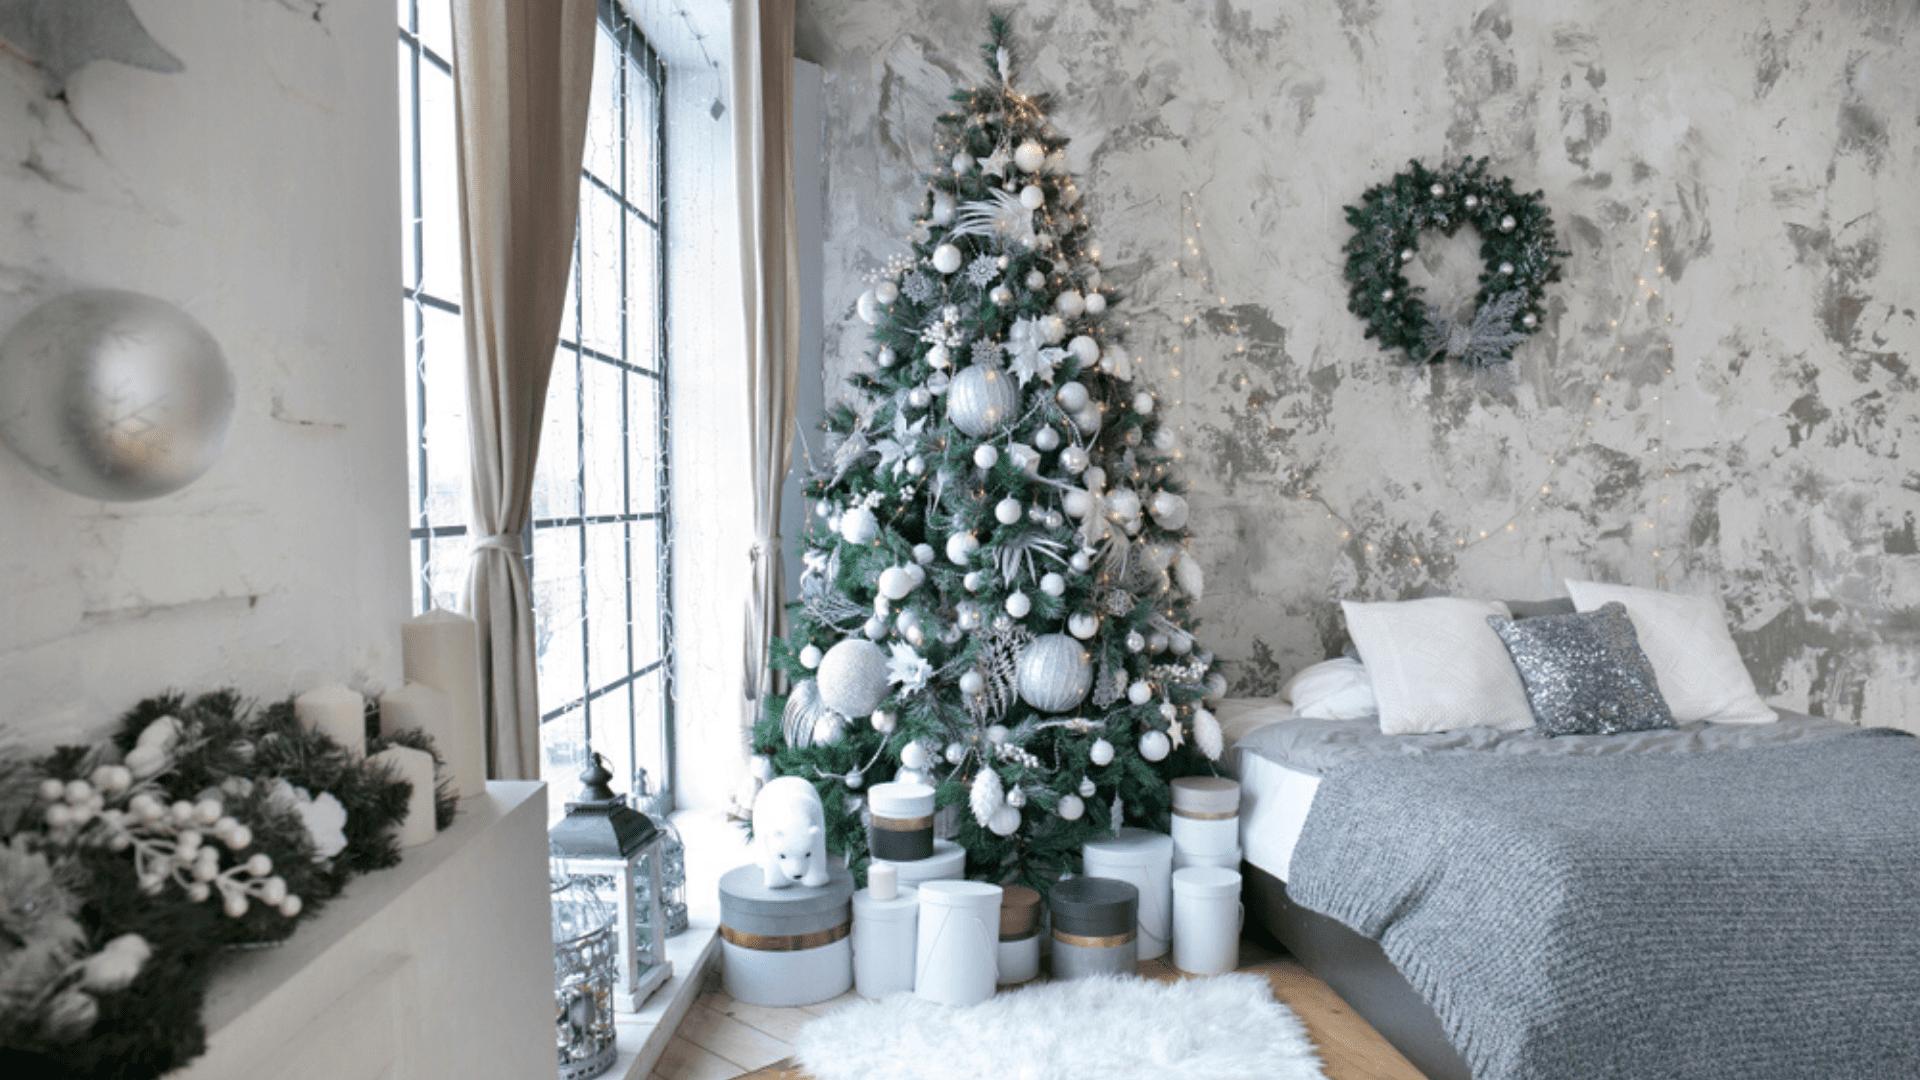 Árvore de Natal branca (Imagem: Reprodução/Shutterstock)